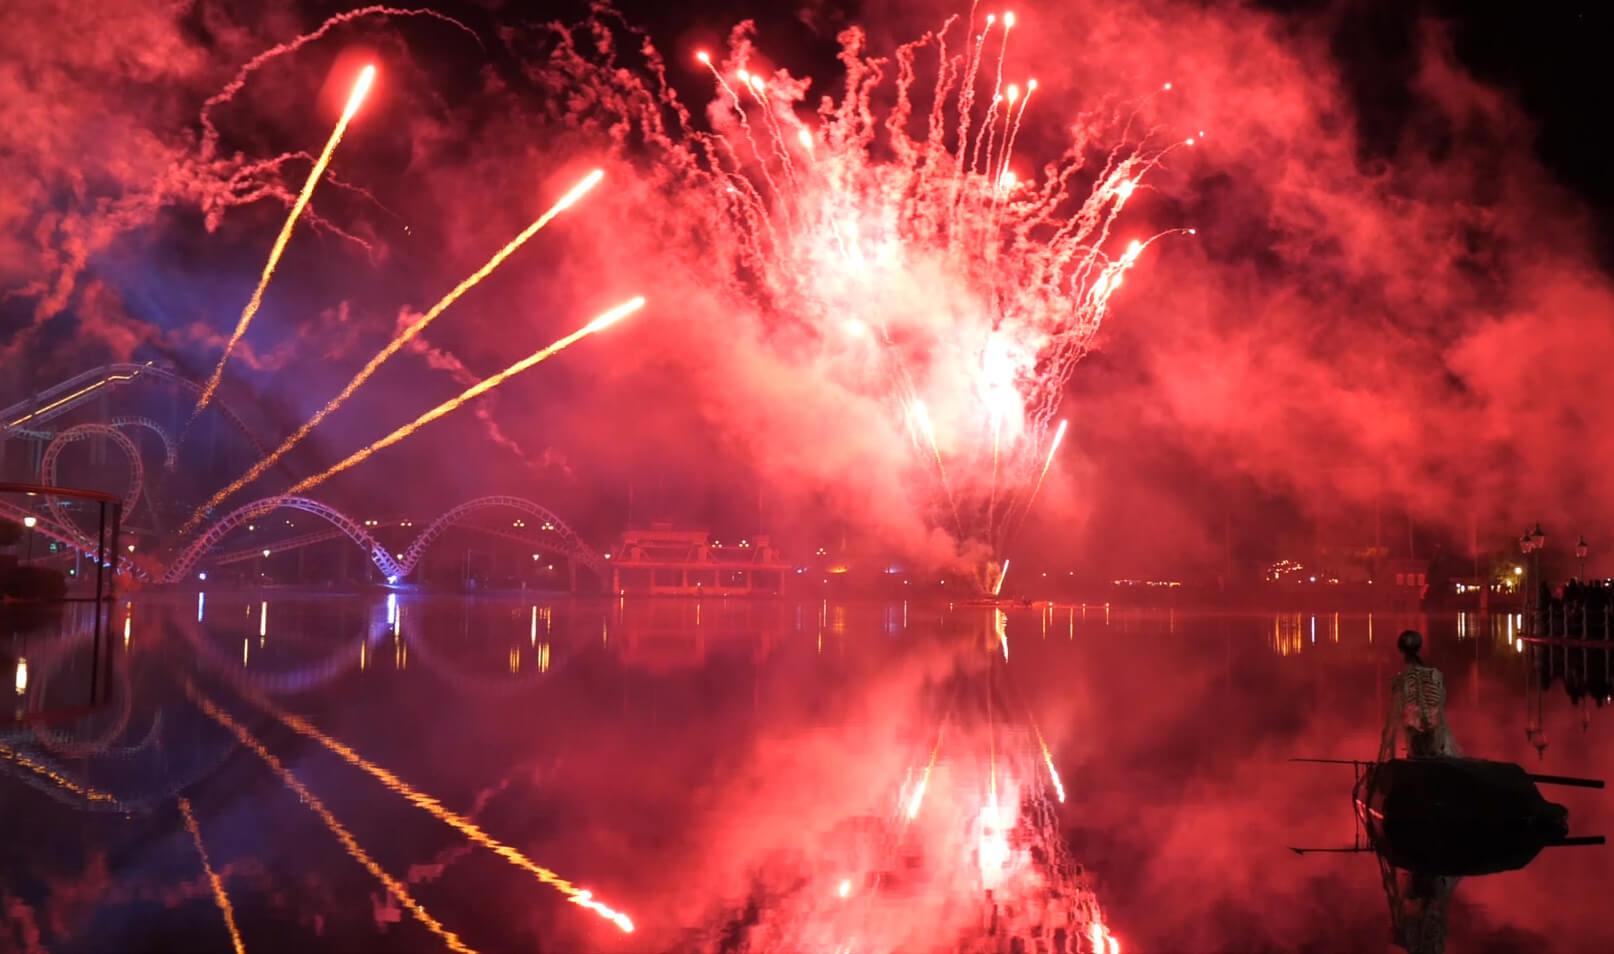 Produktvorführung Heide Park Soltau 2019 Blick auf See mit Achterbahn und Feuerwerk im Hintergrund